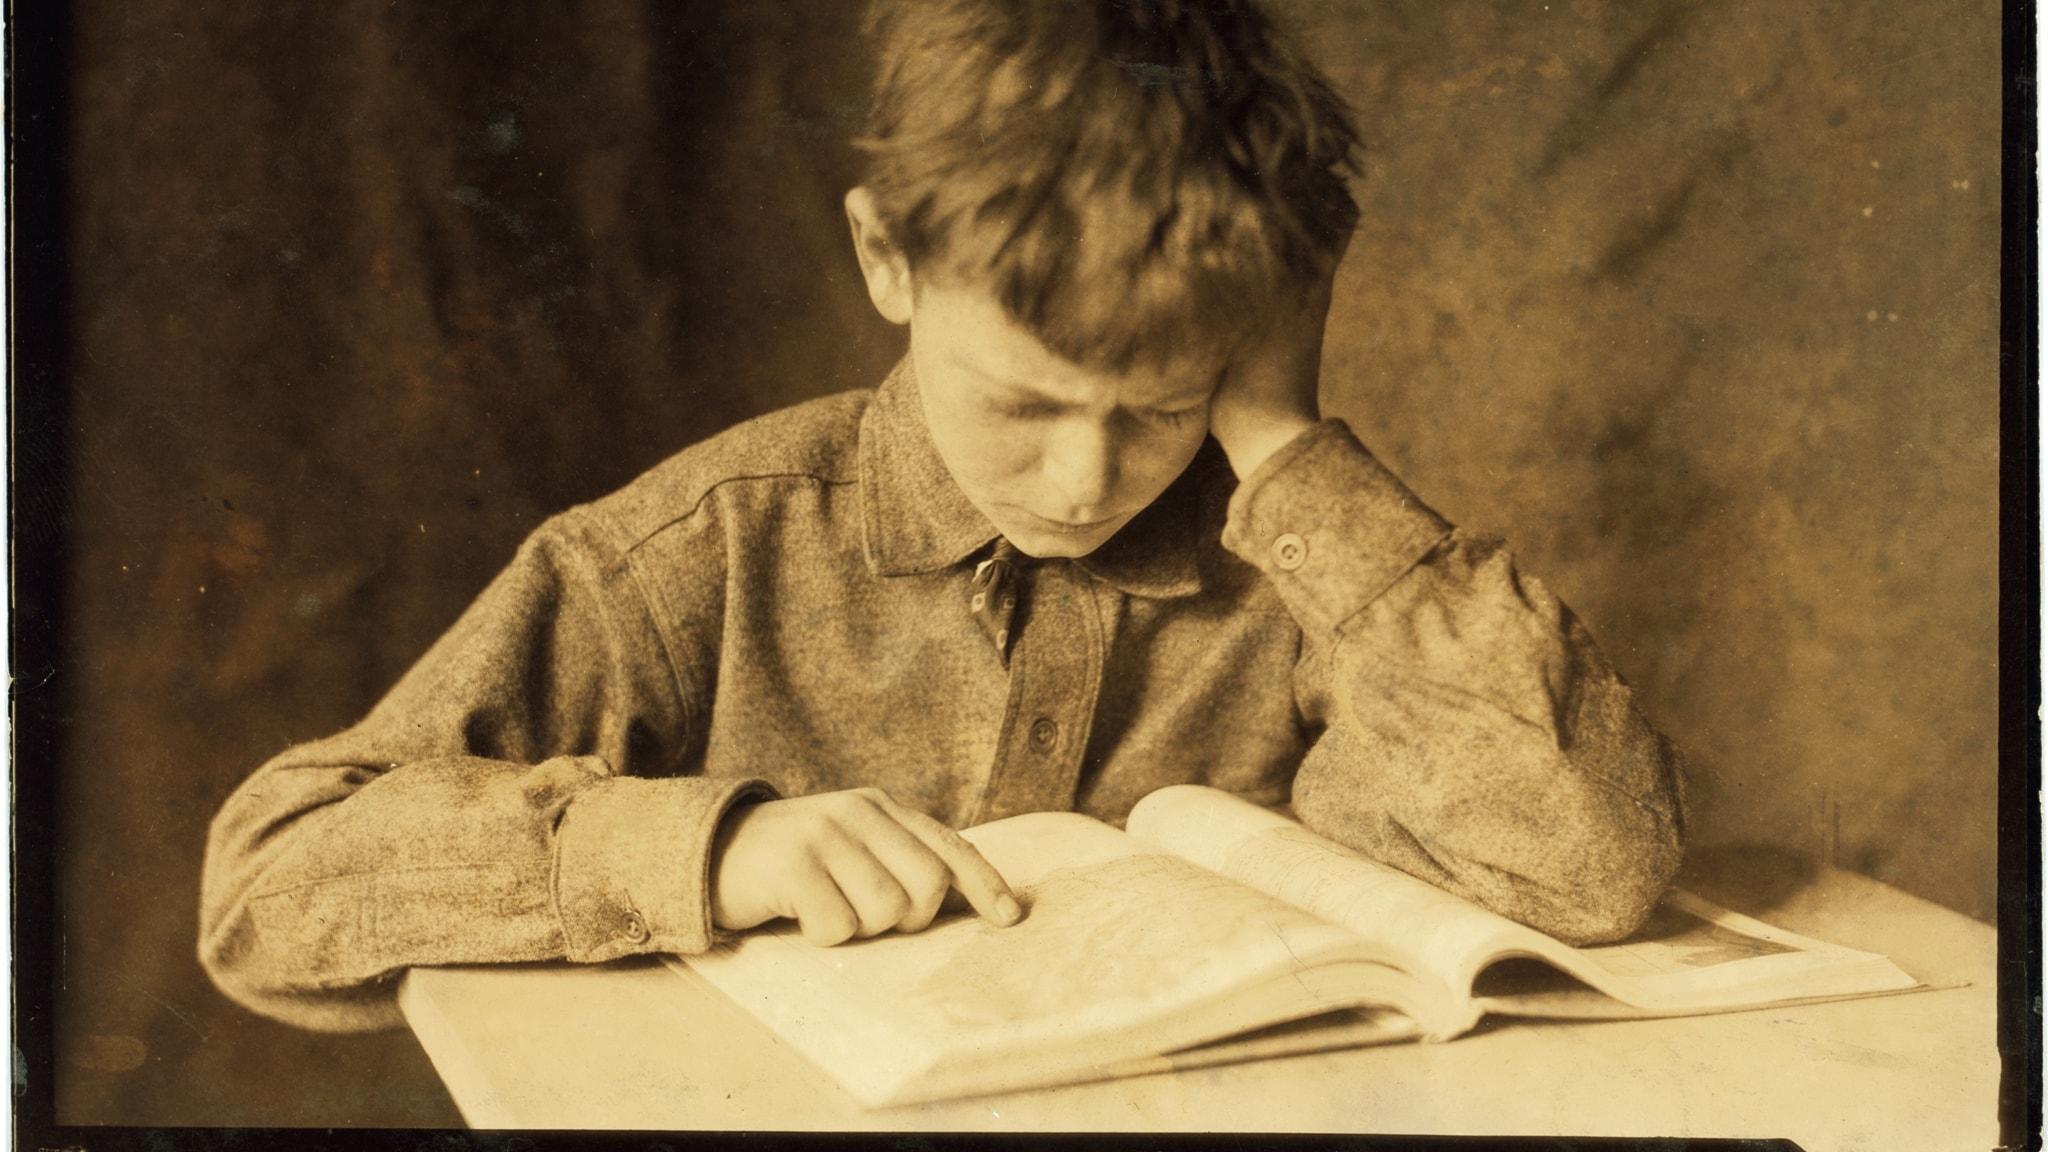 Studerande pojke av Lewis Hine.